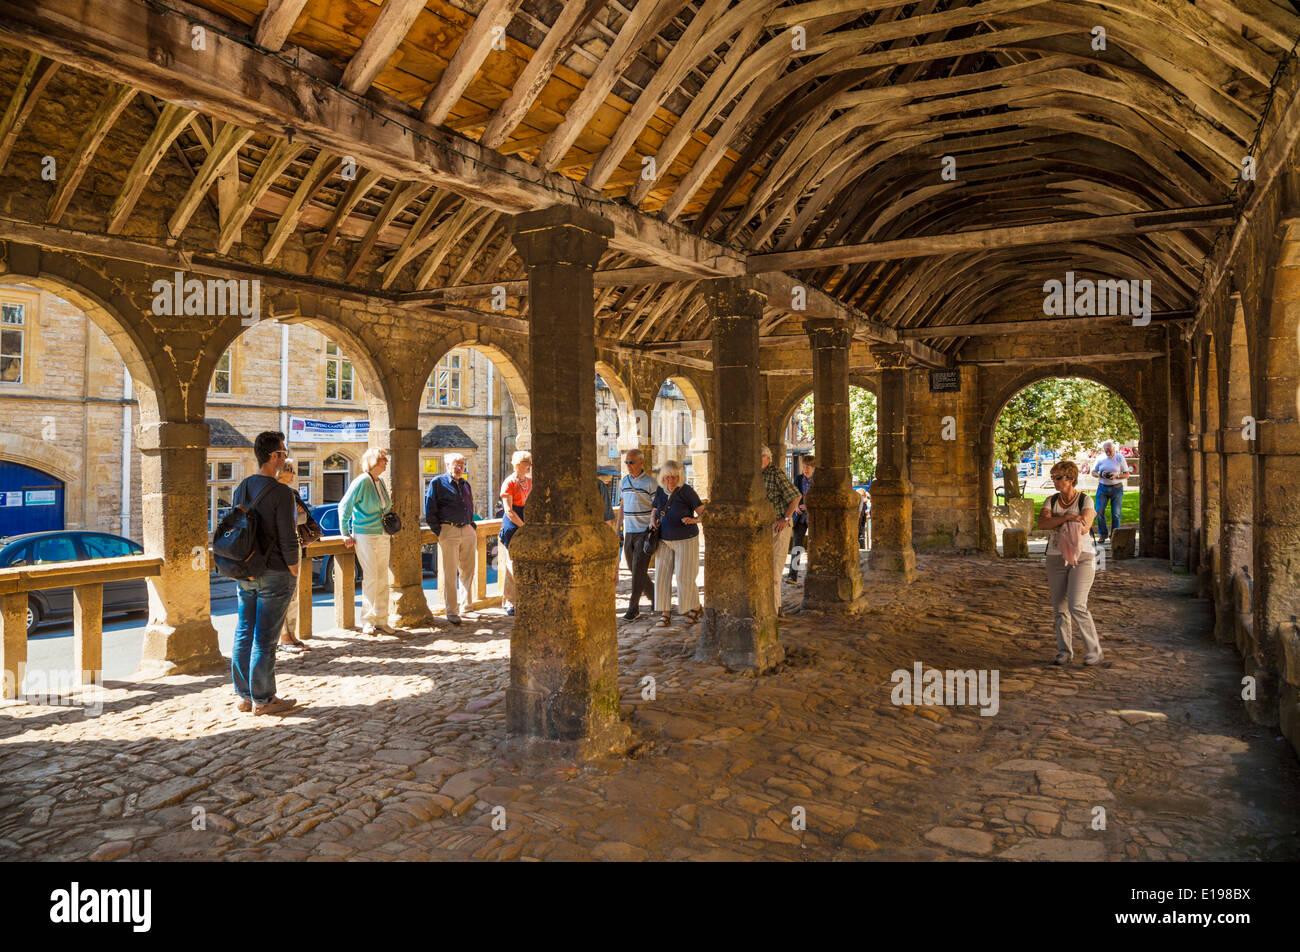 Chipping Campden Markthalle gebaut 1646 High Street Chipping Campden The Cotswolds Gloucestershire England UK EU Europa Stockbild